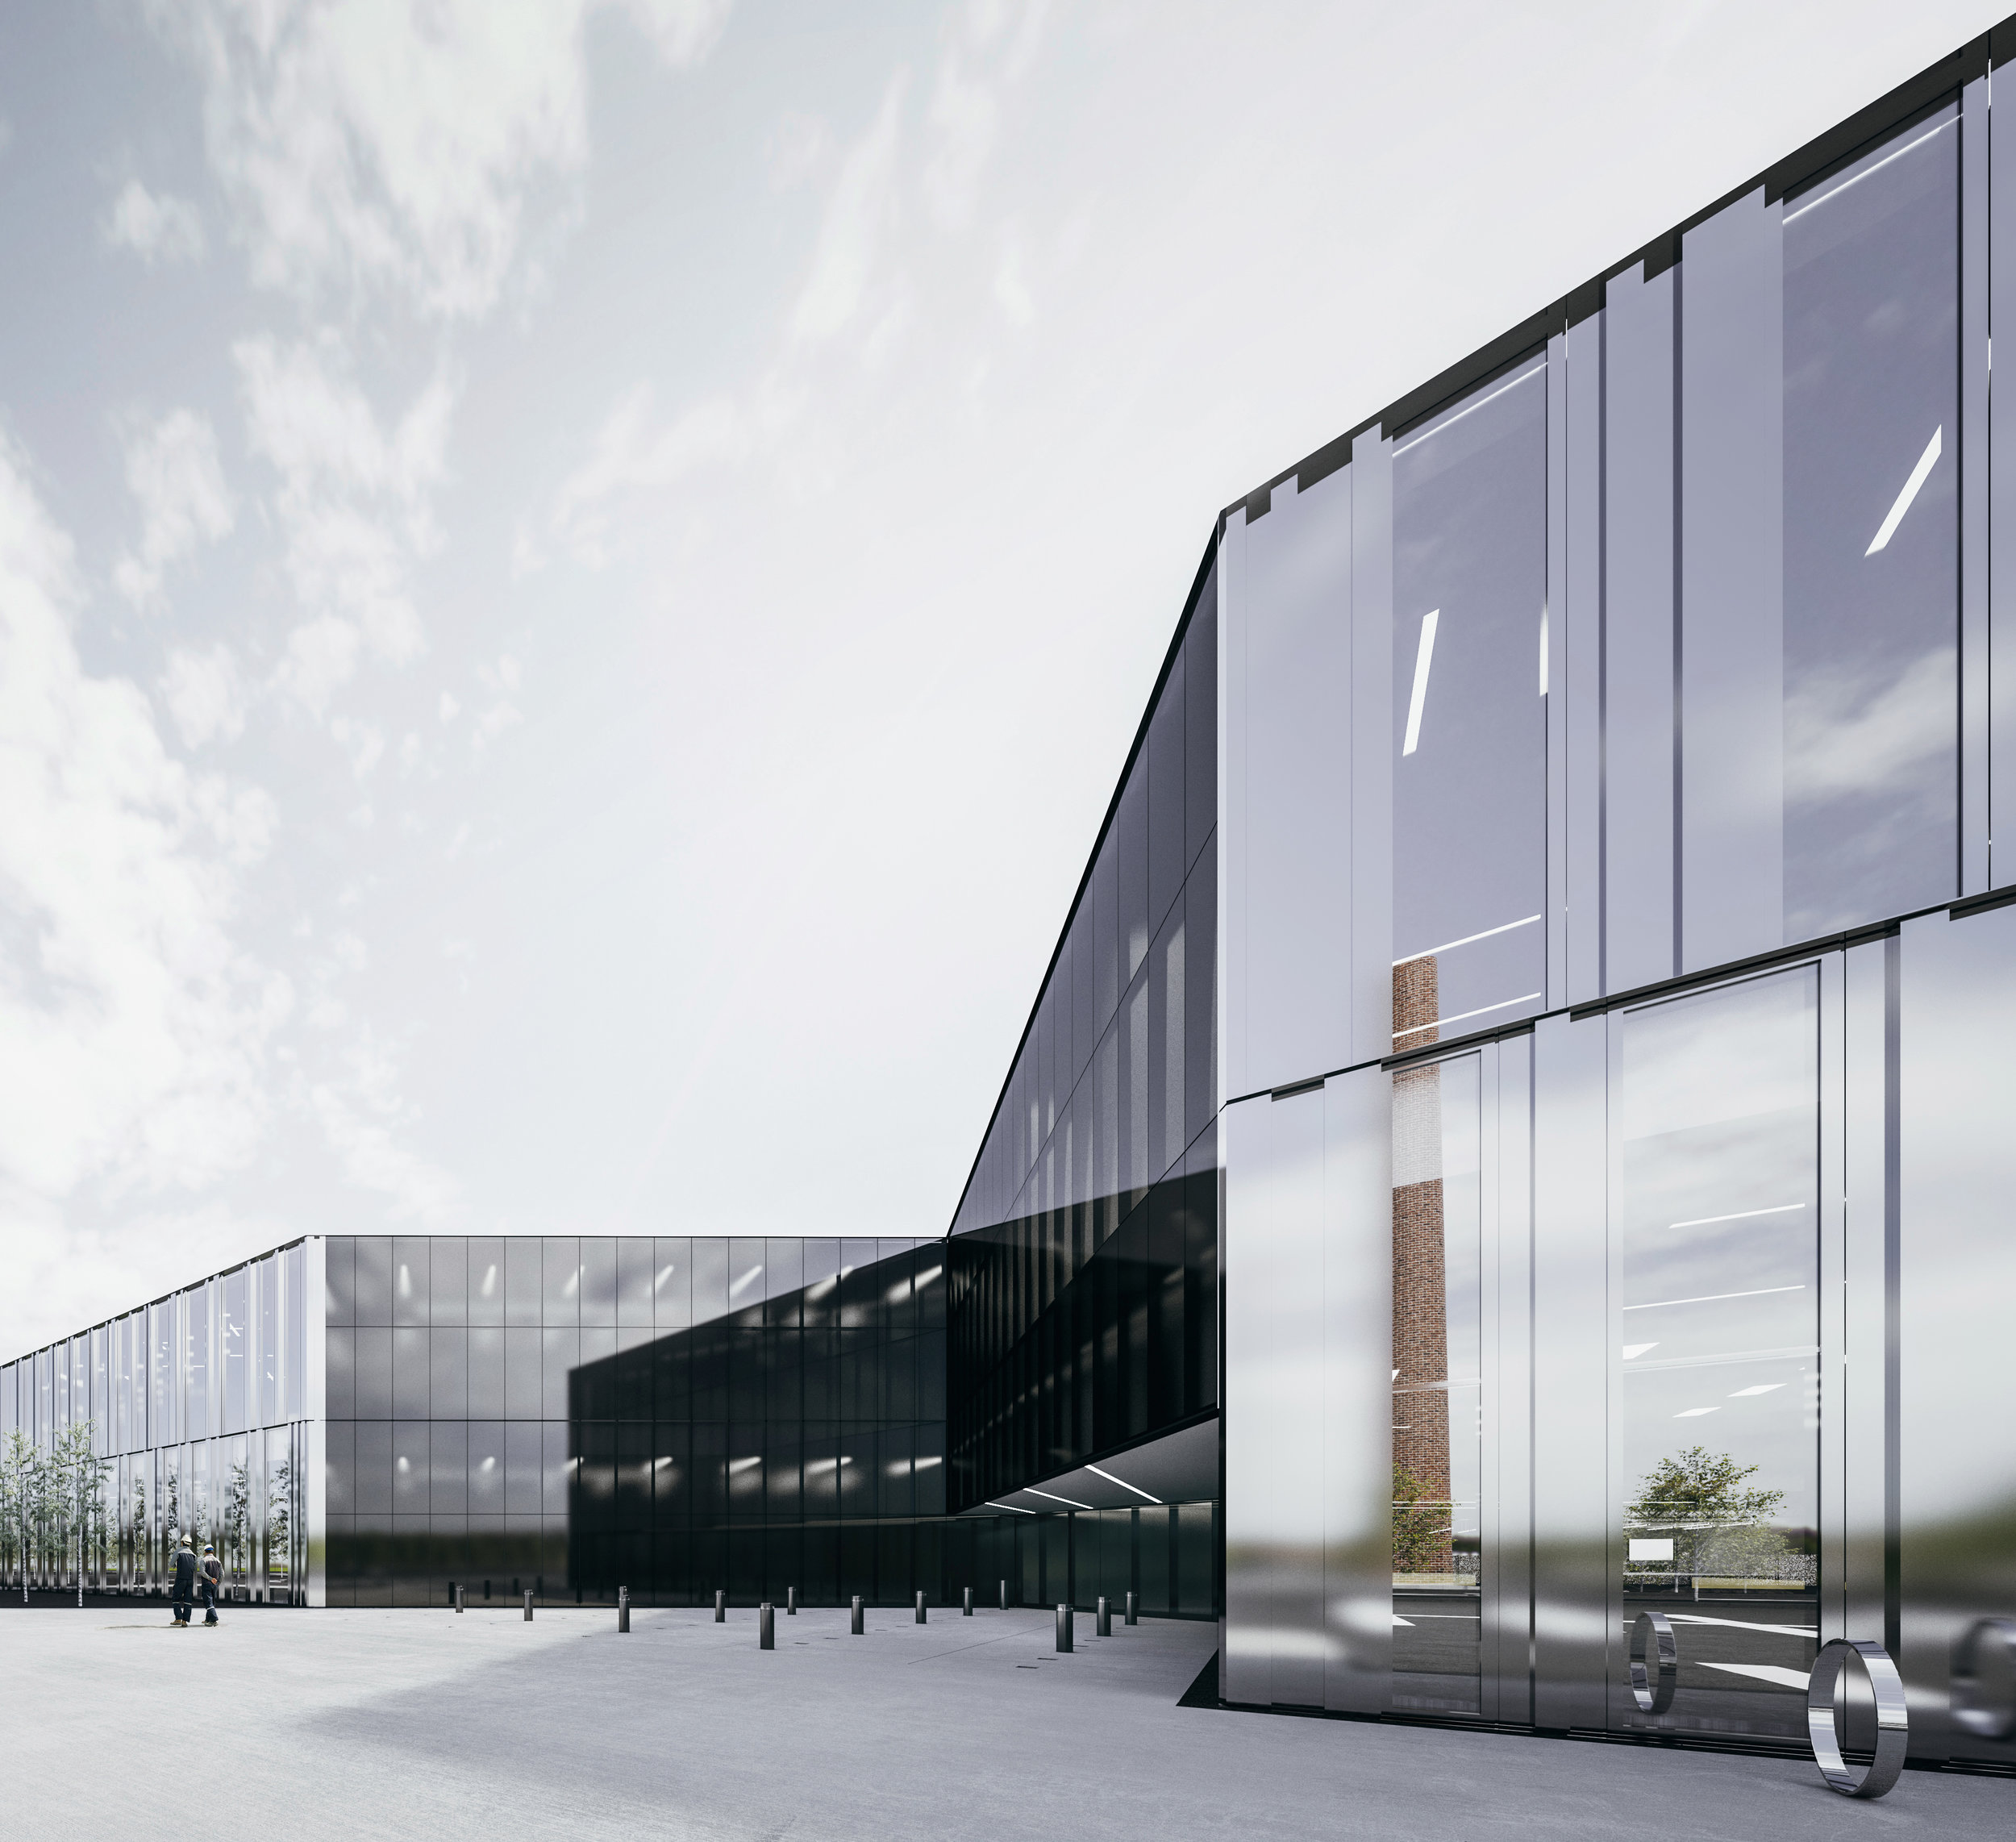 North East Transit Garage - Office Building Entrance